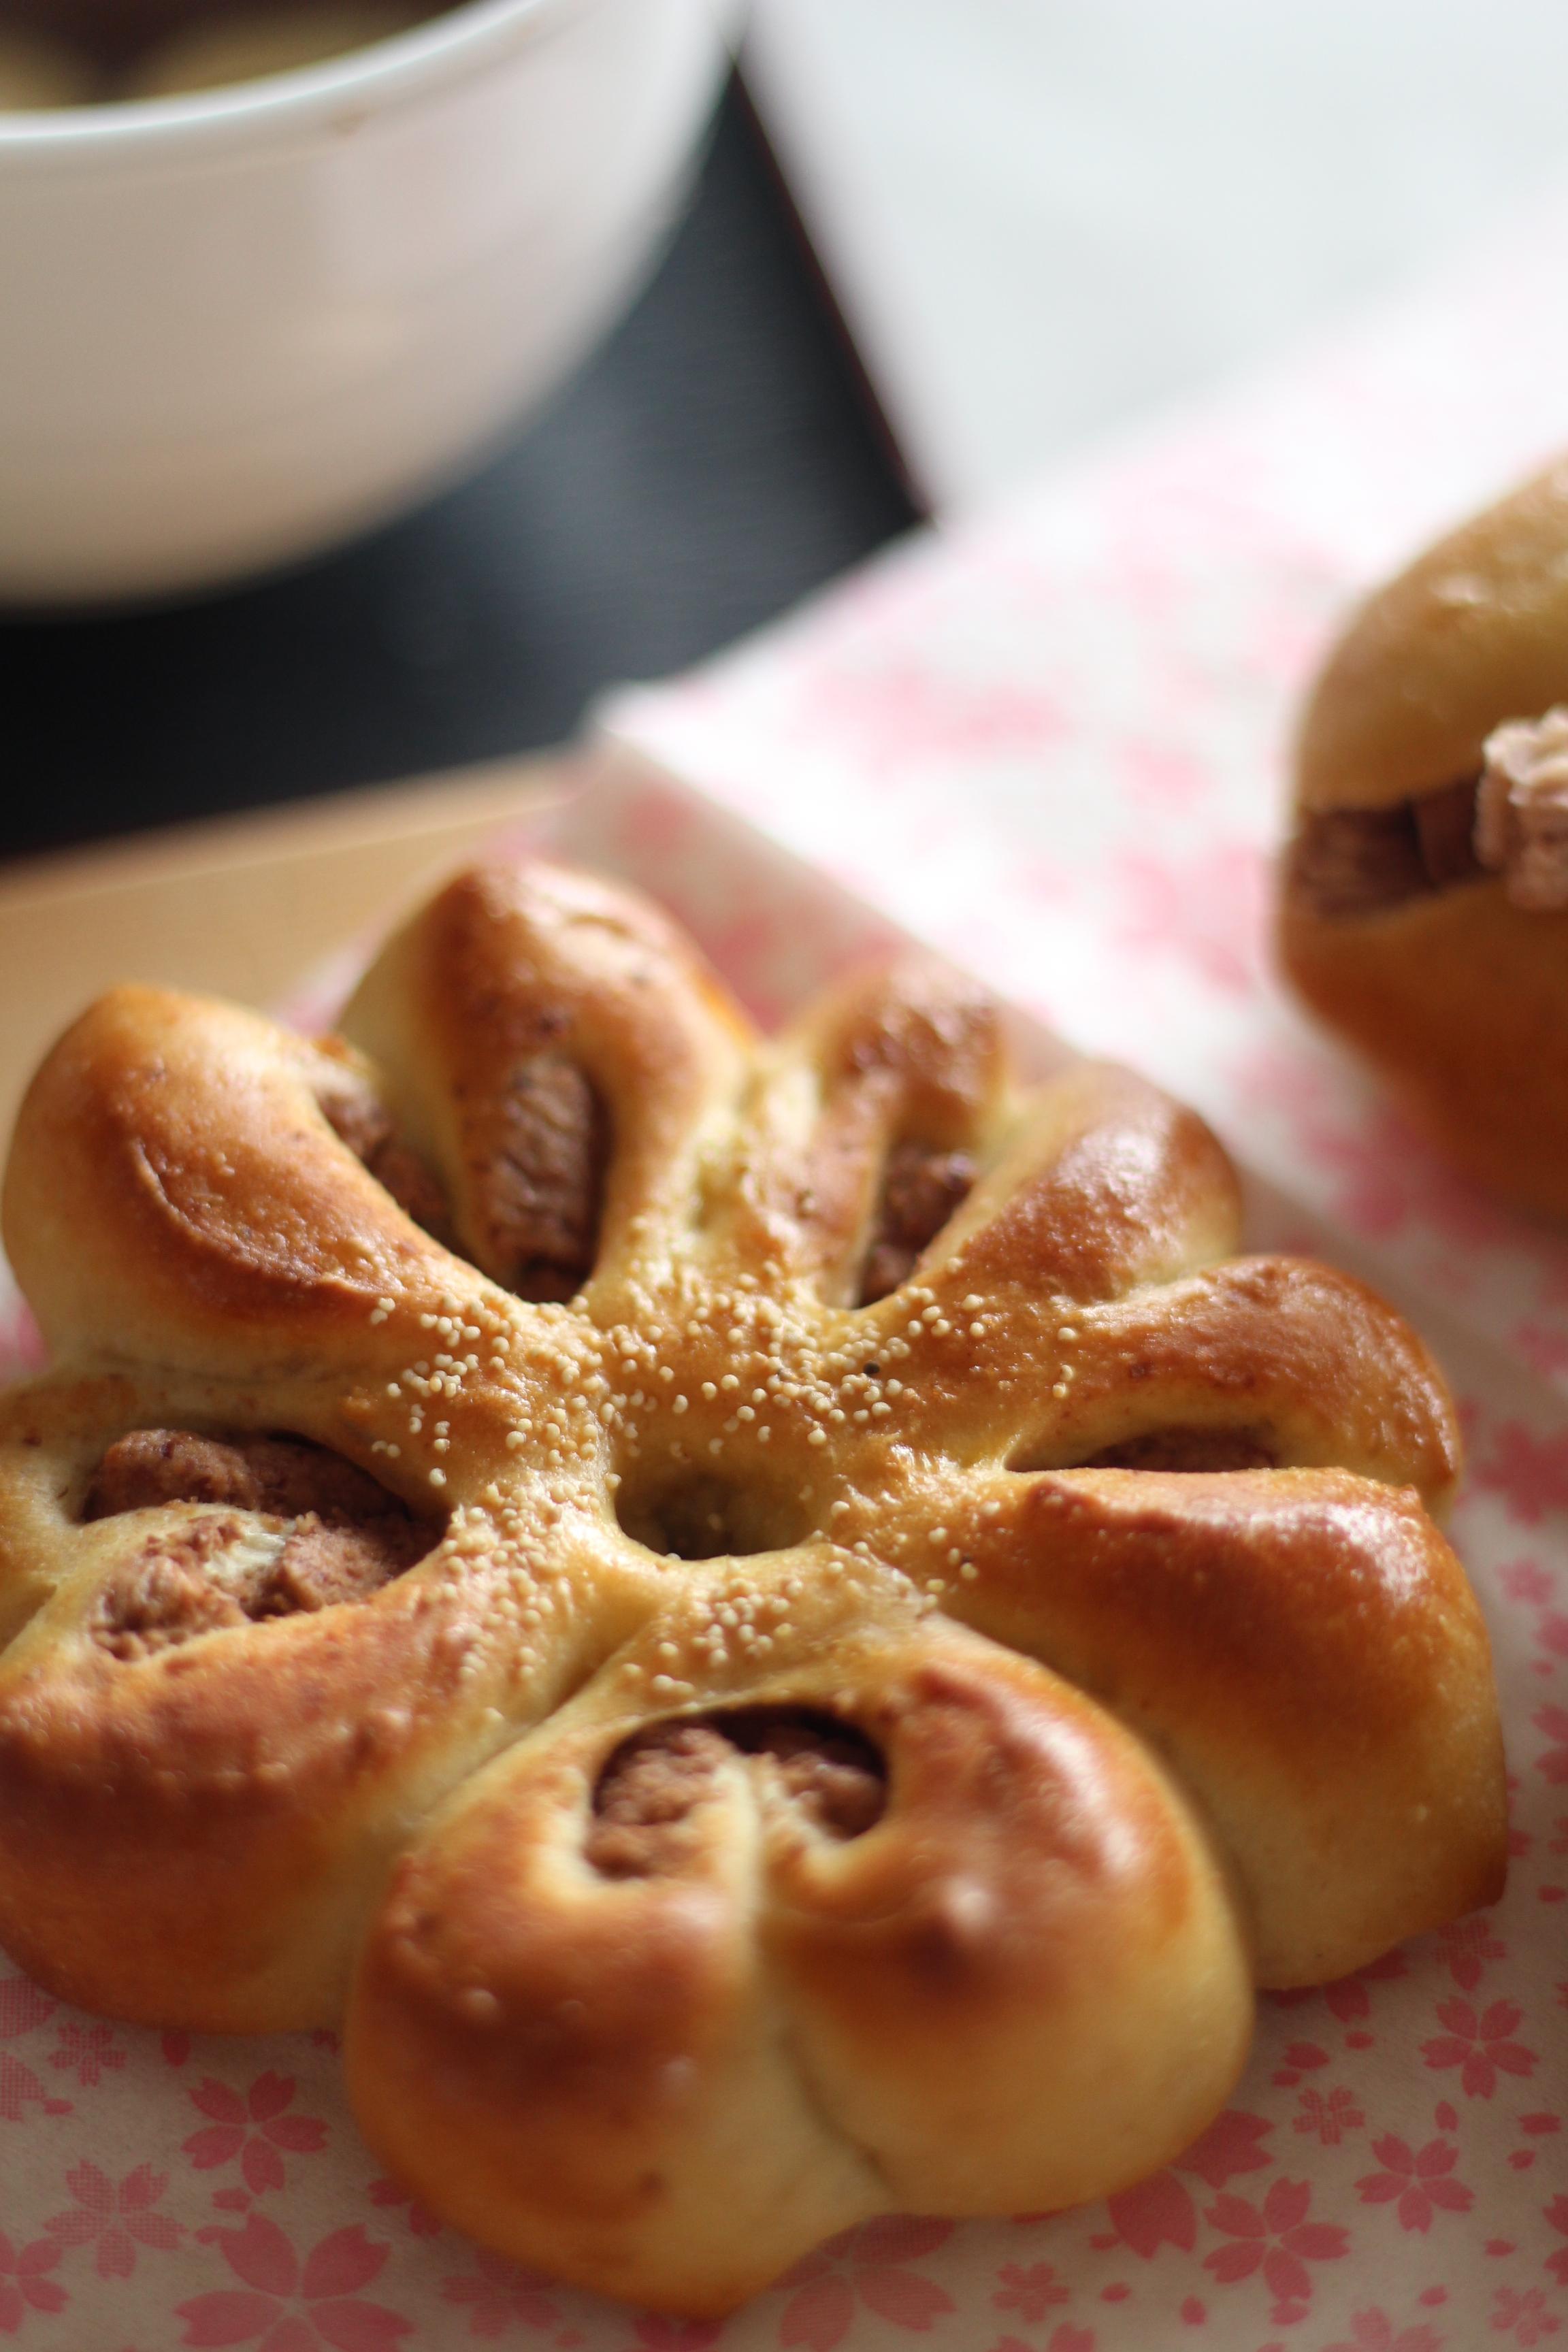 阿倍野区西田辺a-ta-sante糖質制限パン料理教室。京都江部粉を使って餡子から作る糖質制限あんぱんを試作しました。